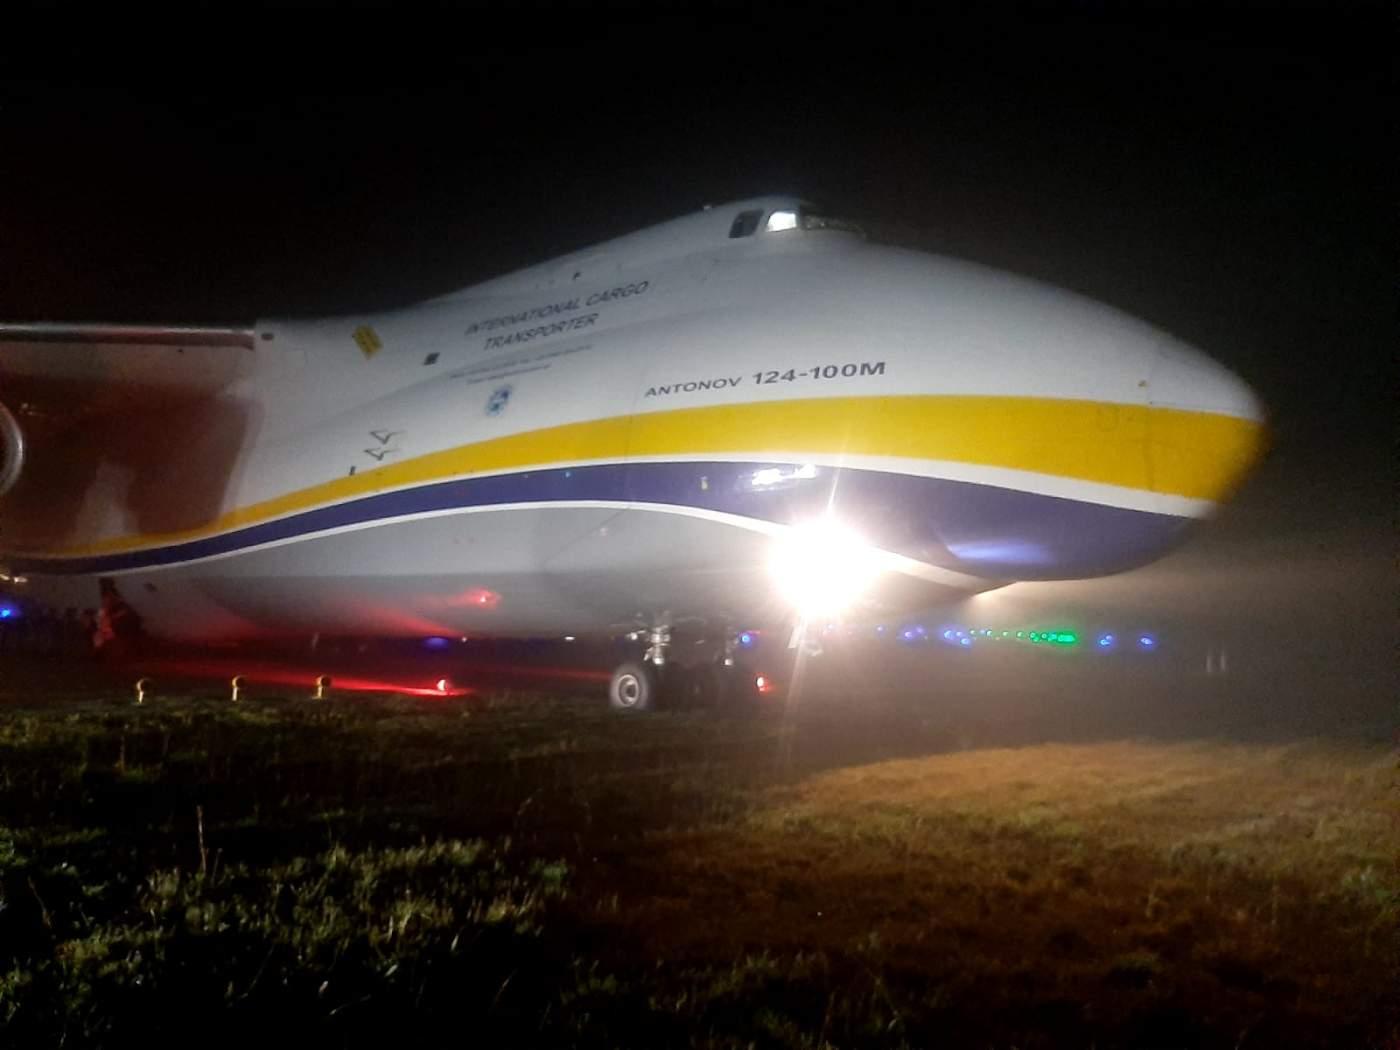 Antonov An-124 Guarulhos